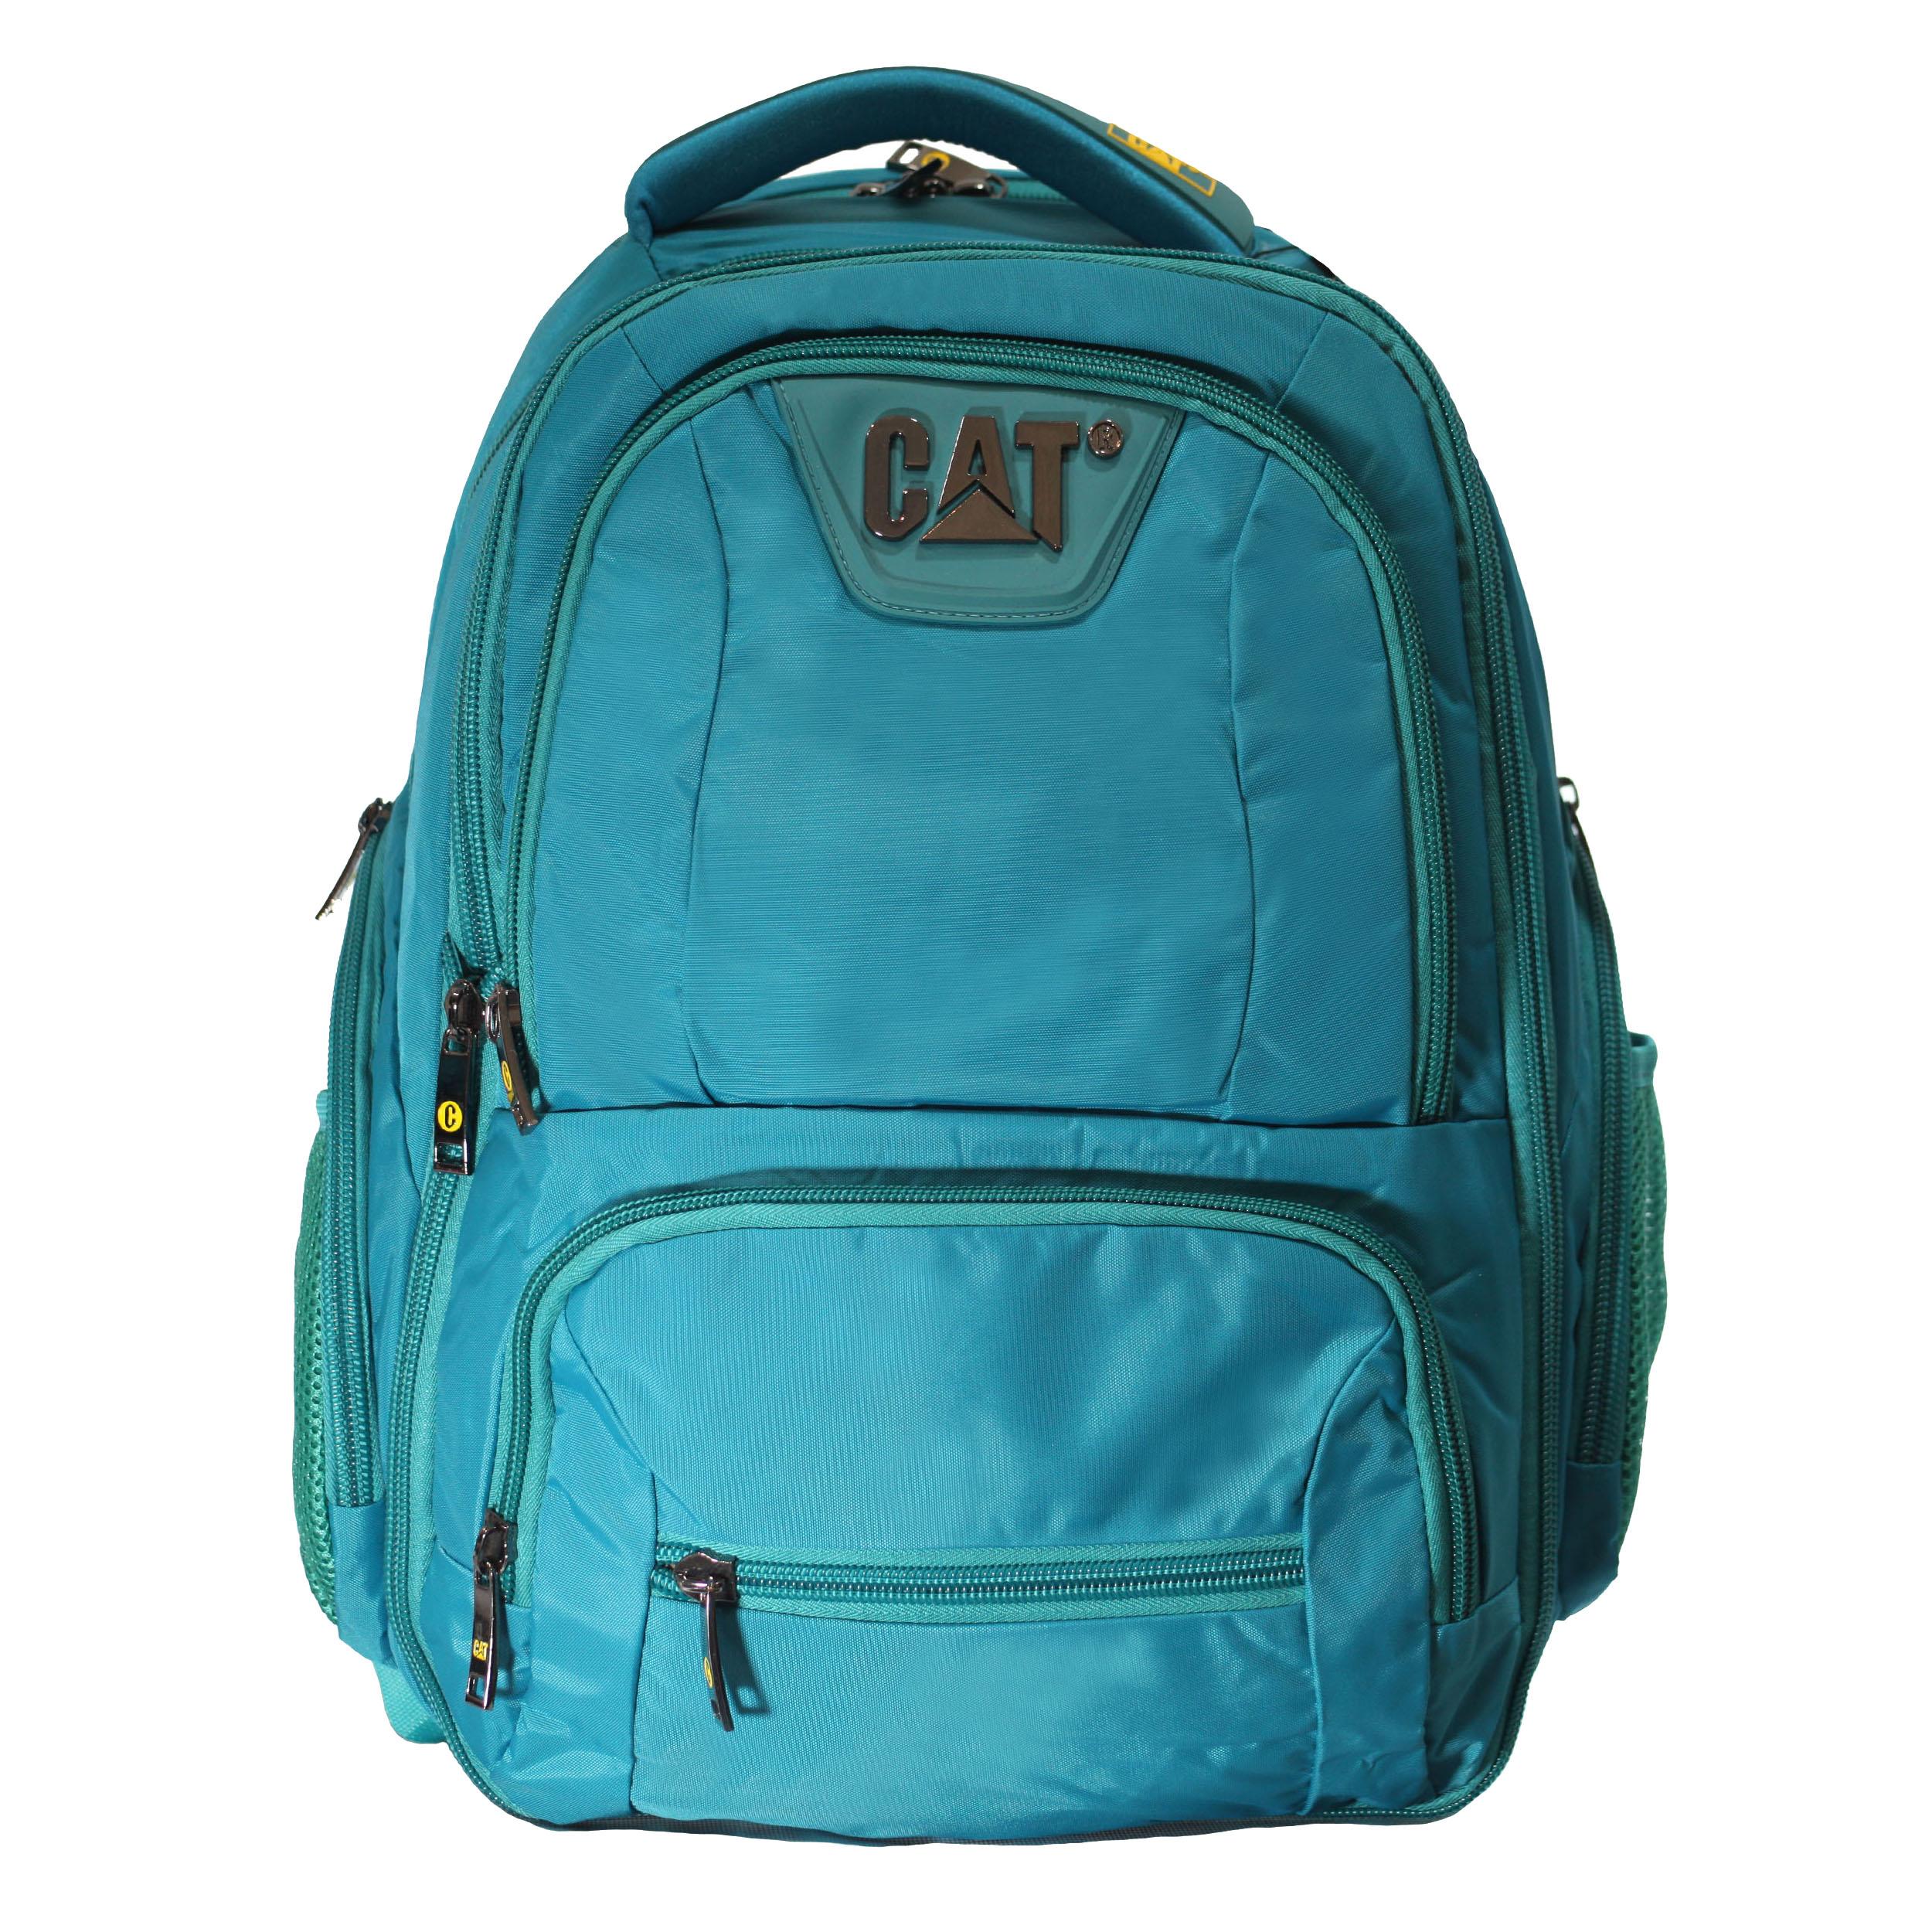 کوله پشتی لپ تاپ کاترپیلار مدل CAT-0128 مناسب برای لپ تاپ 15.6 اینچی